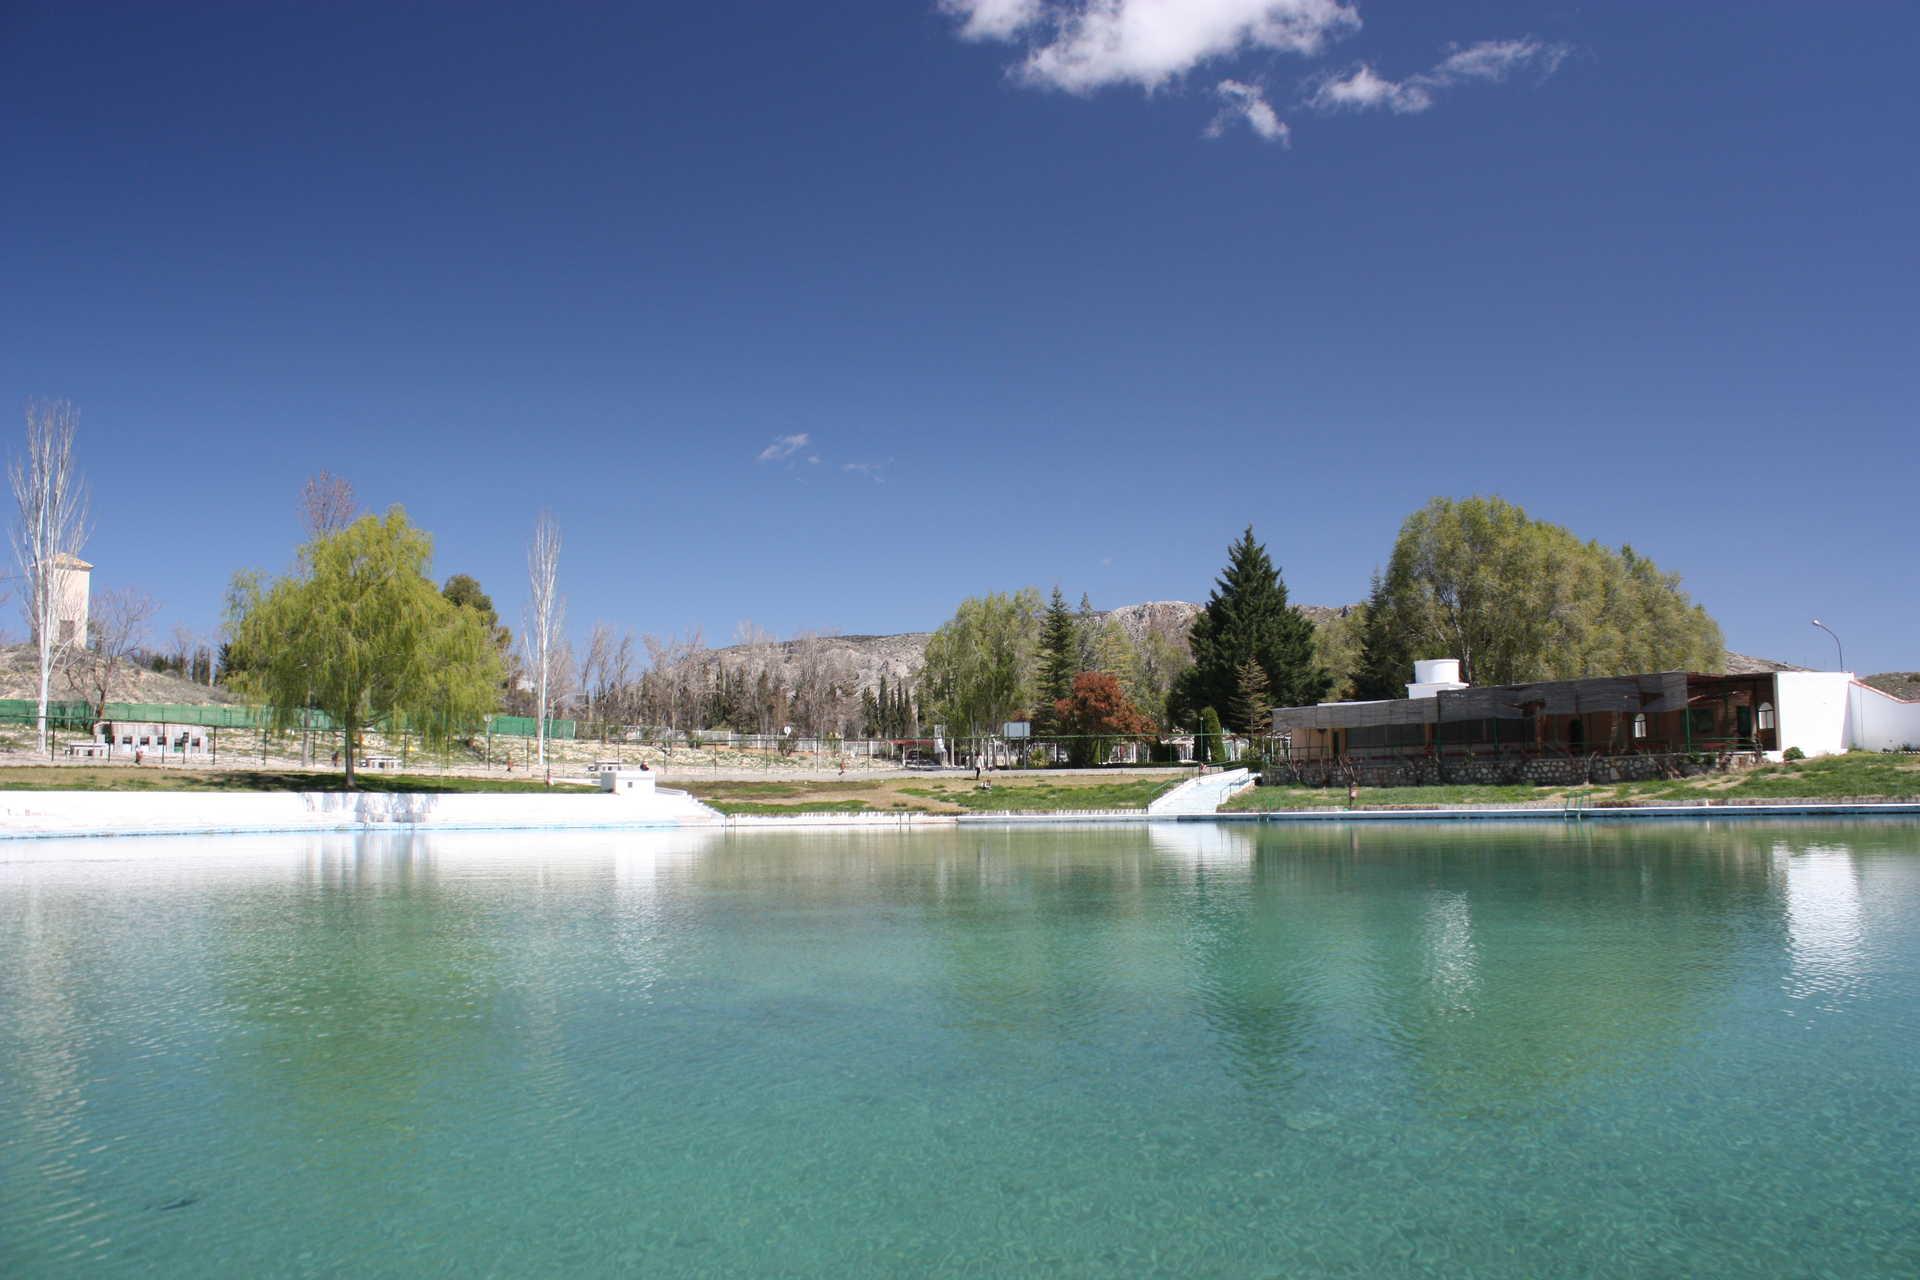 Aguas Termales de Fuencaliente